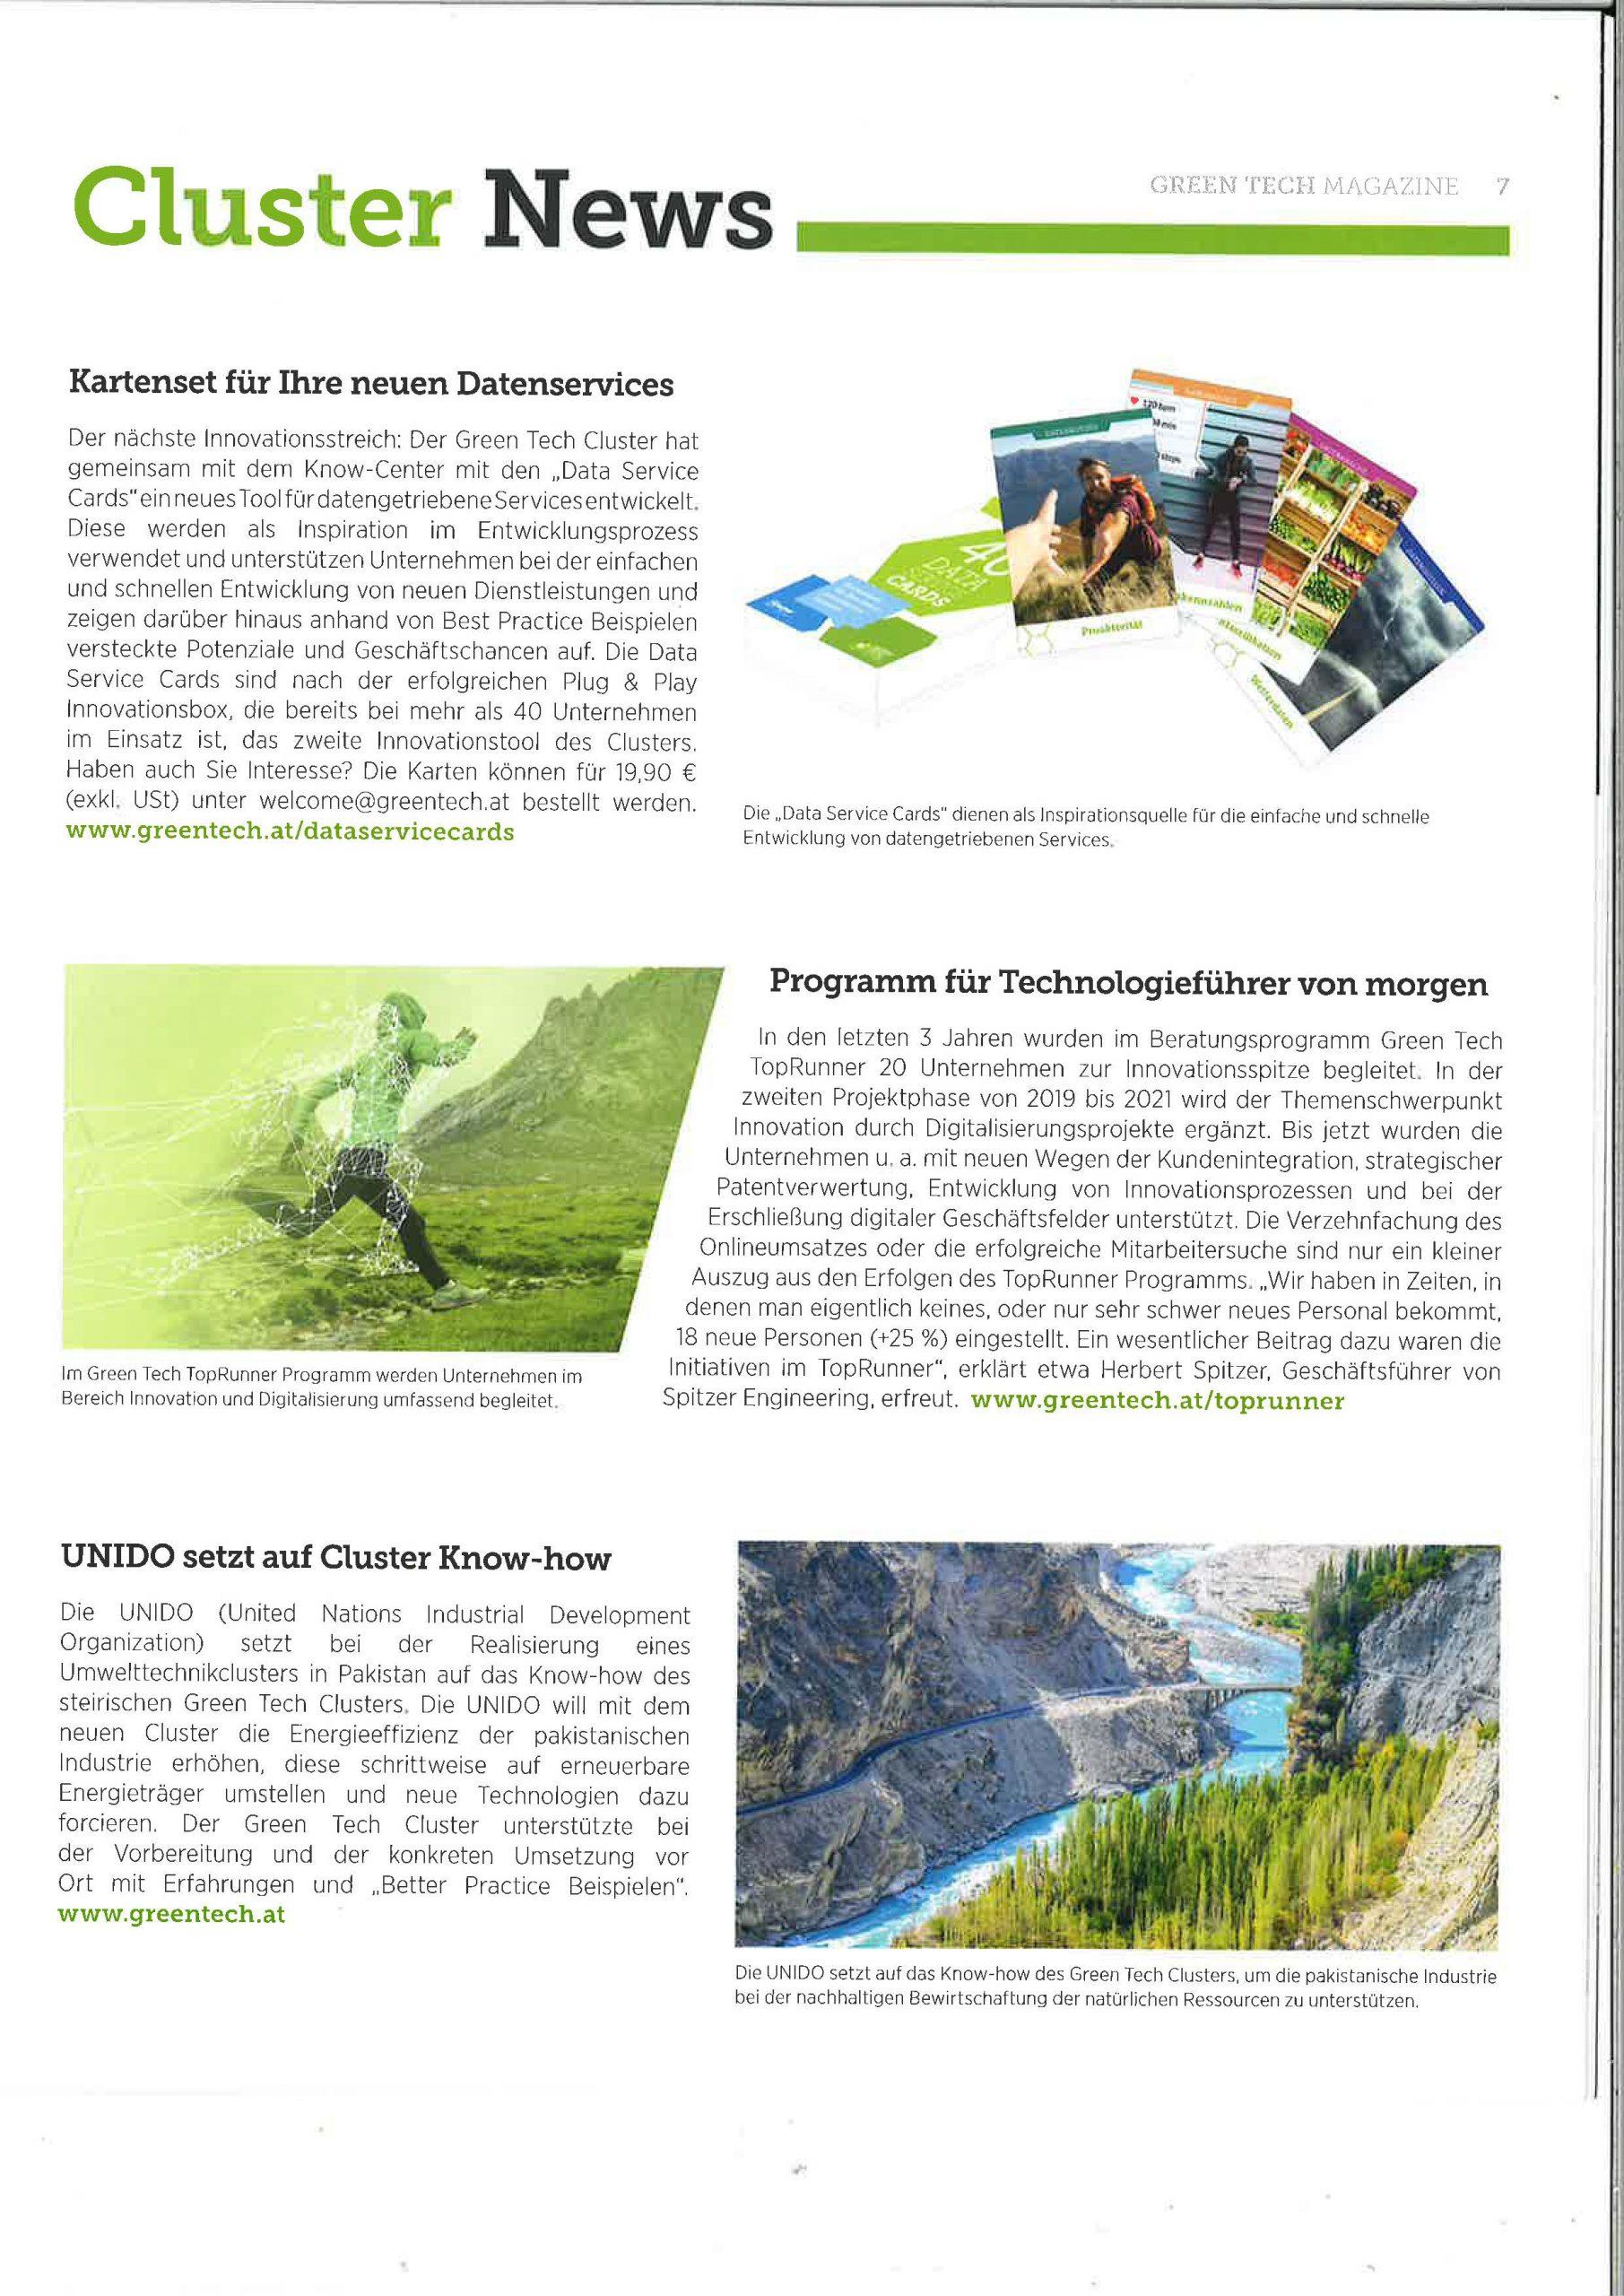 2020-06-08_GreenTechMagazin_Kartenset für Ihre nuen Datenservices